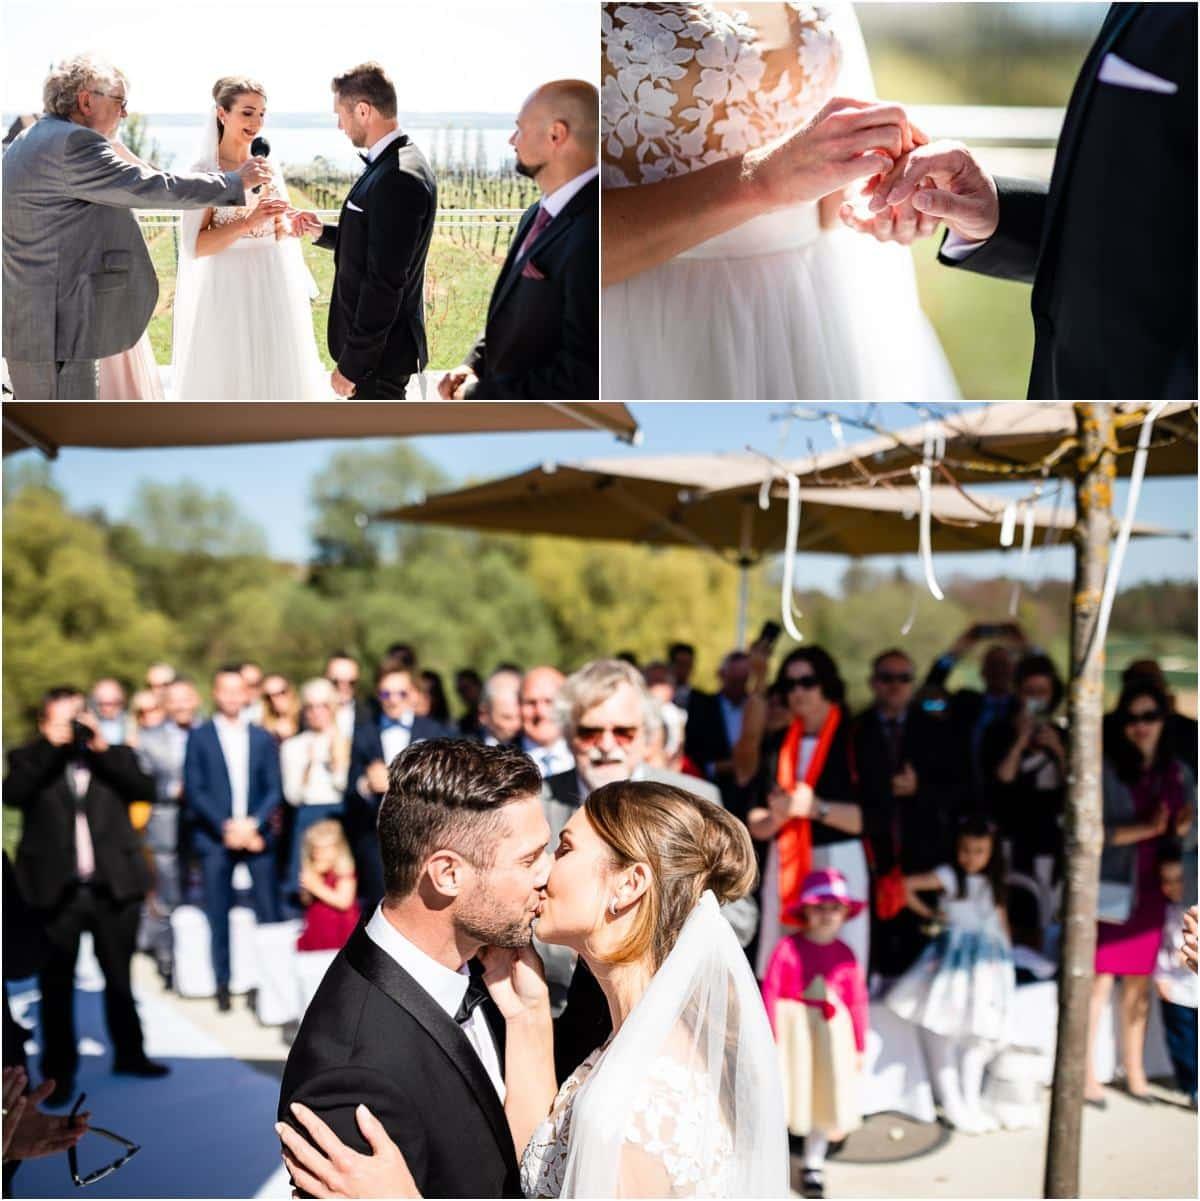 Birnauer-Oberhof-Hochzeit-Hochzeitsfotograf-26